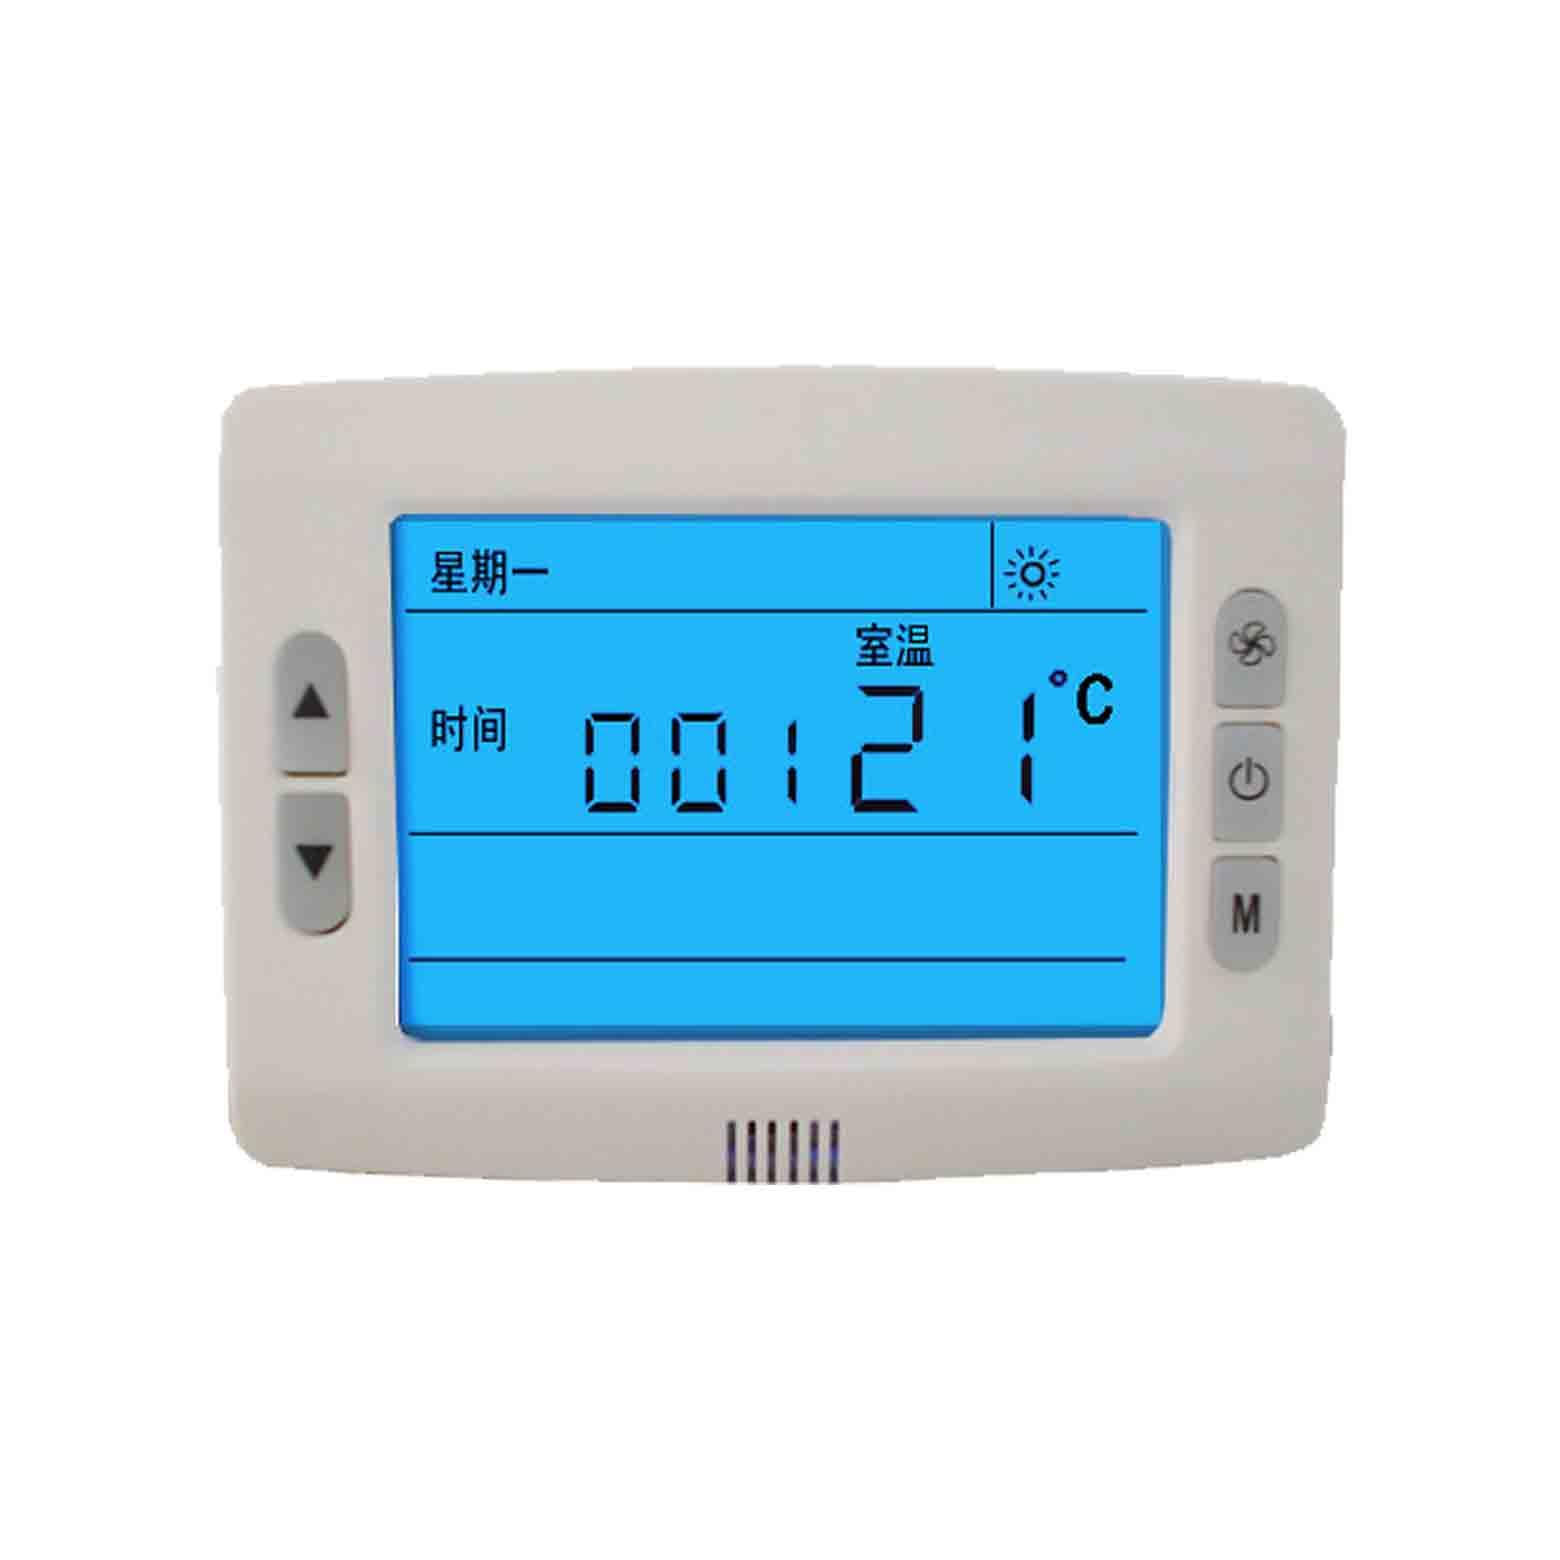 509超大液晶显示温控器